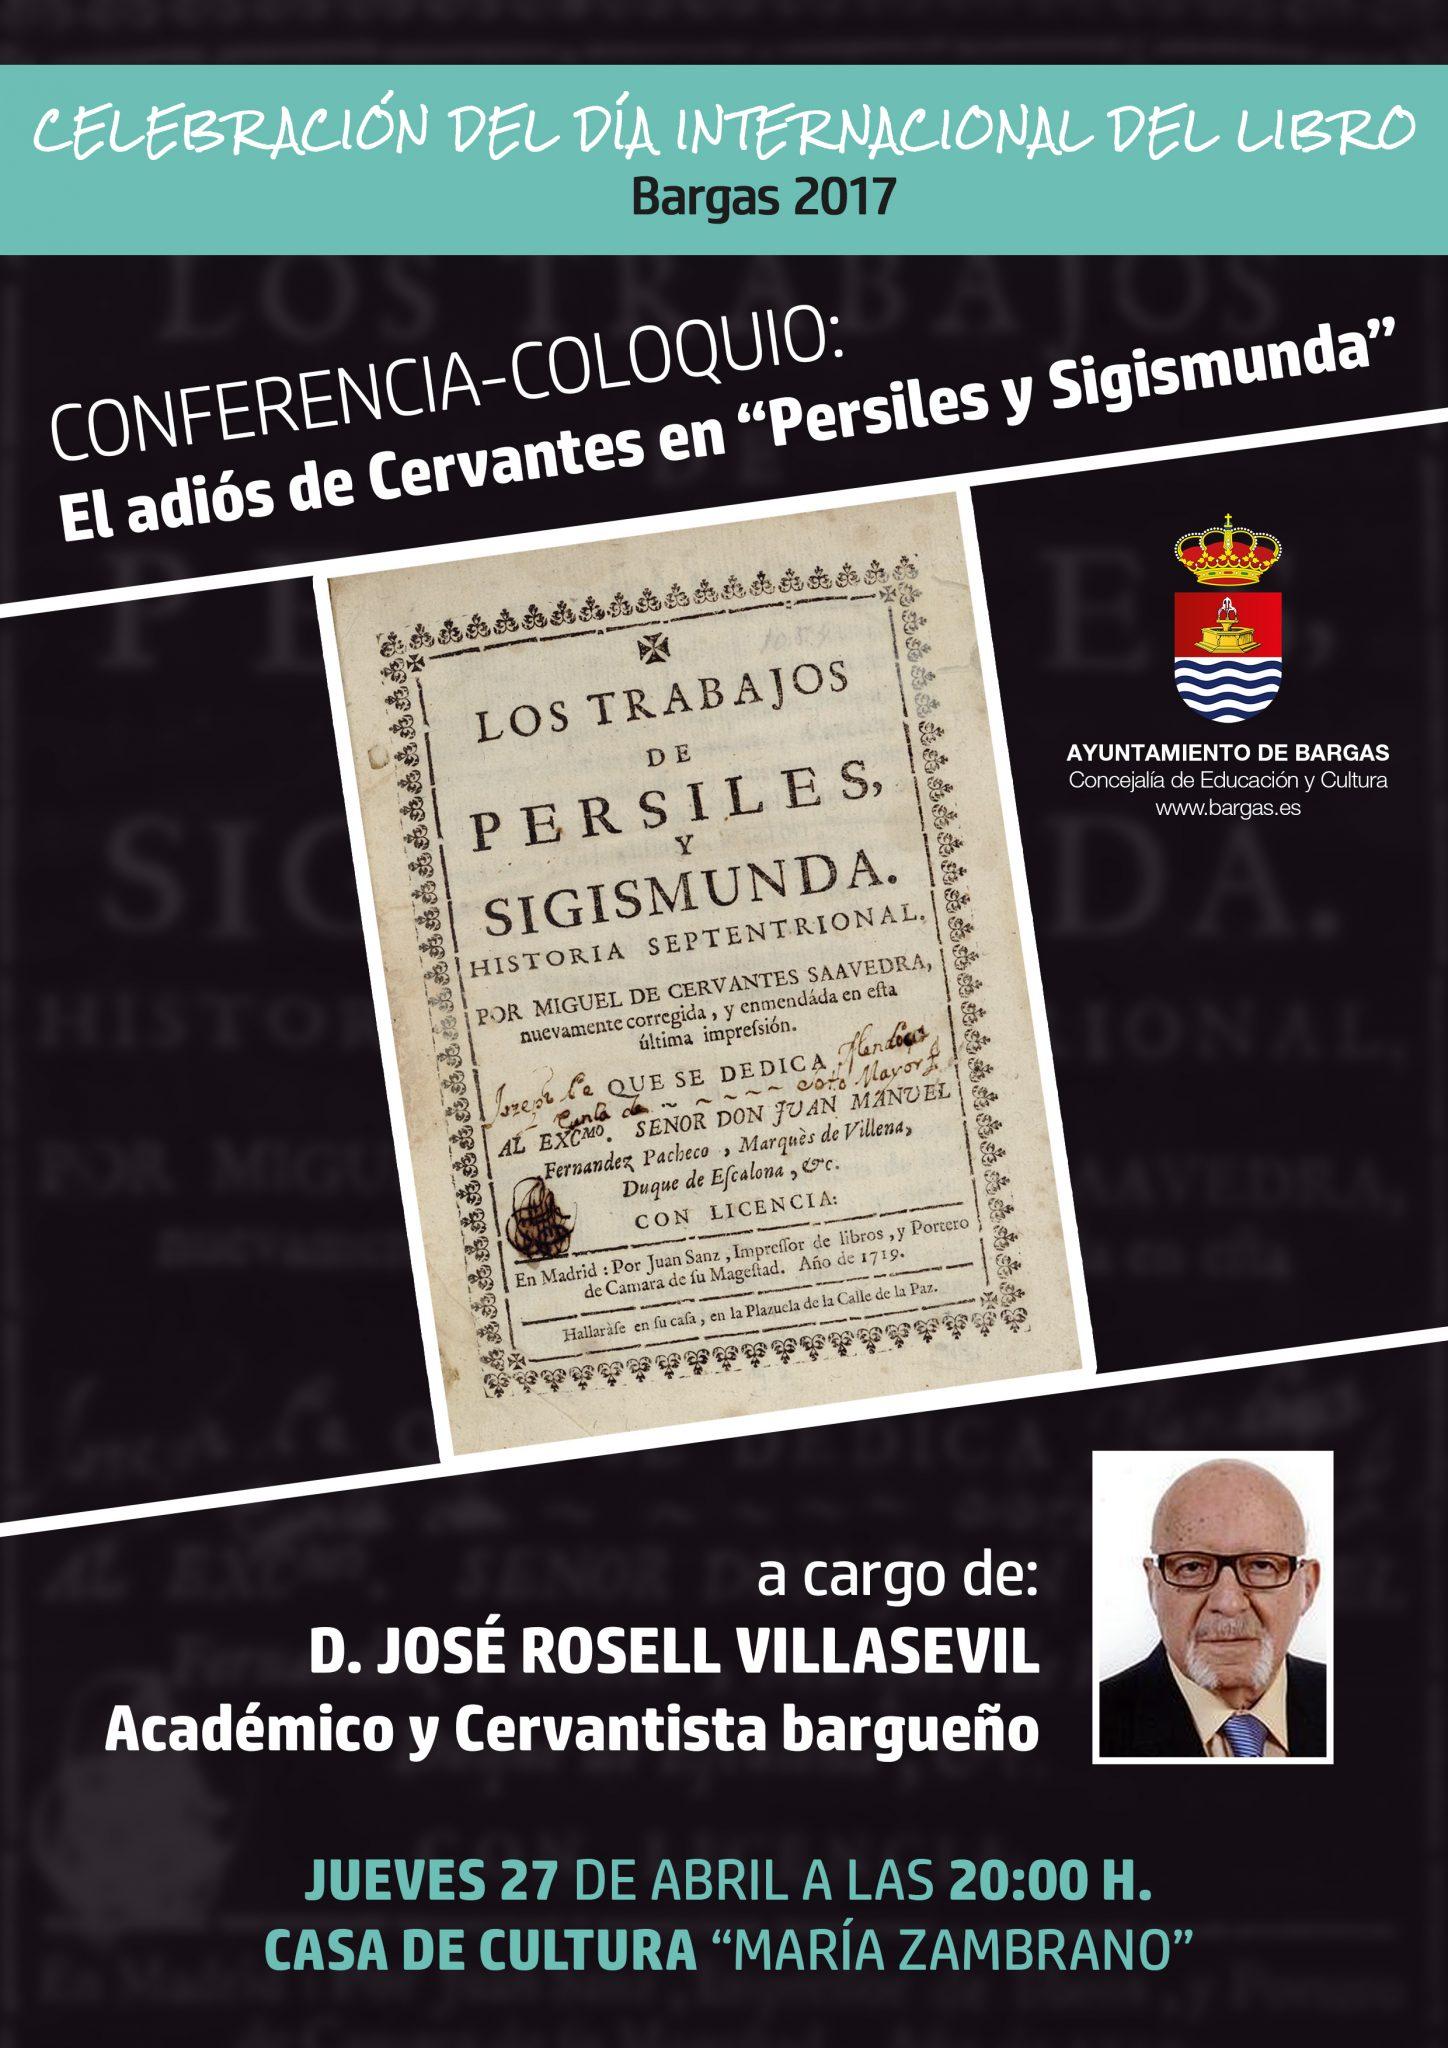 Conferencia-Coloquio: El adiós de Cervantes en «Persiles y Sigismunda»